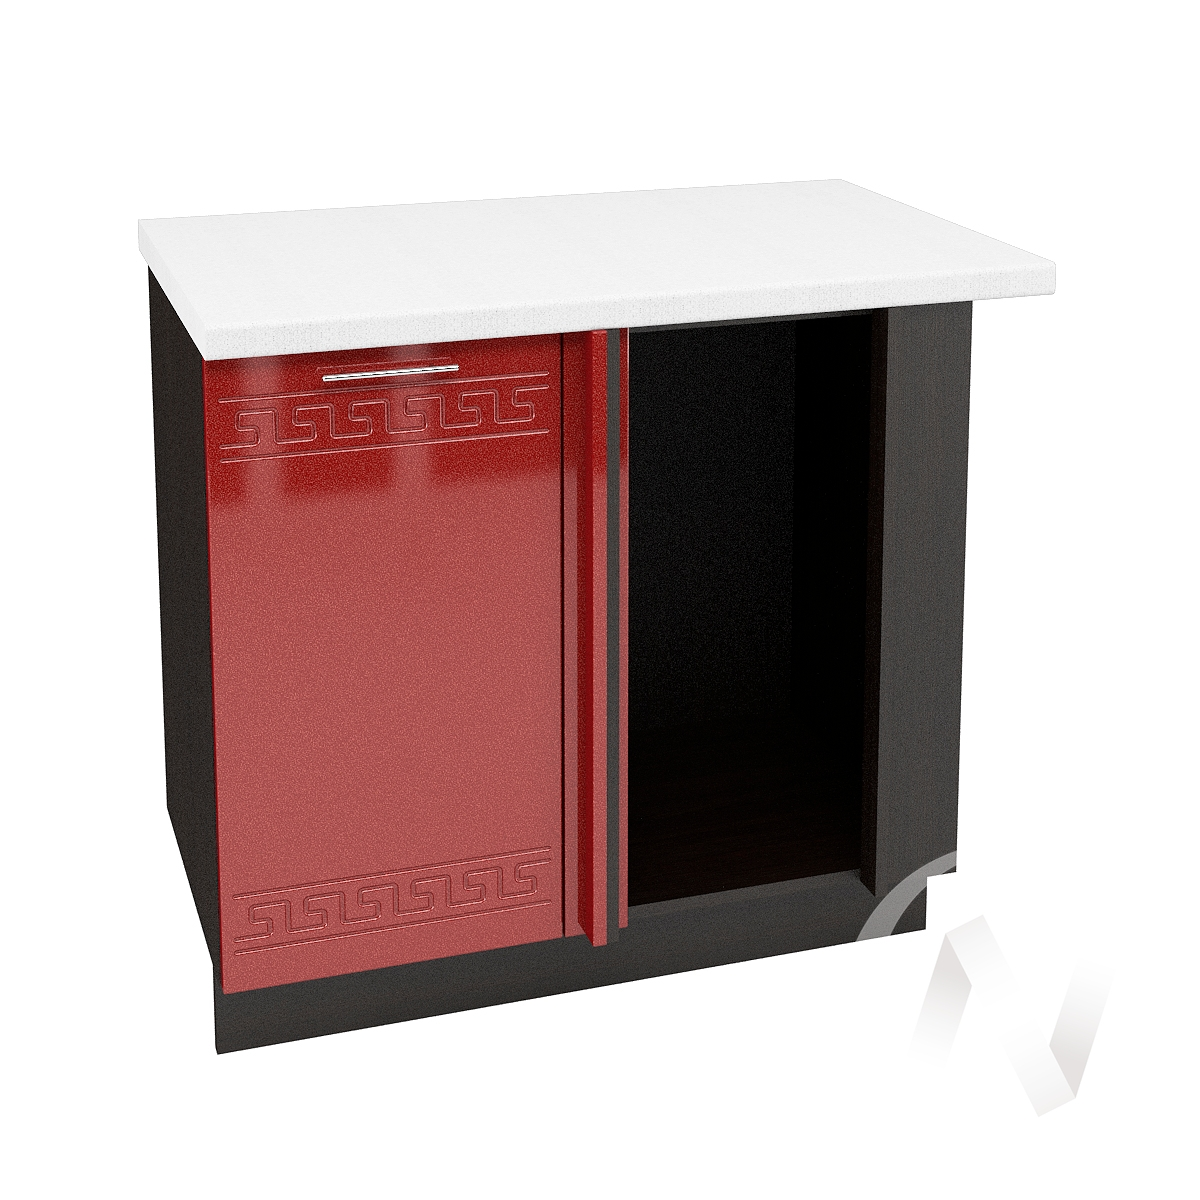 """Кухня """"Греция"""": Шкаф нижний угловой 990М, ШНУ 990М (гранатовый металлик/корпус венге)"""